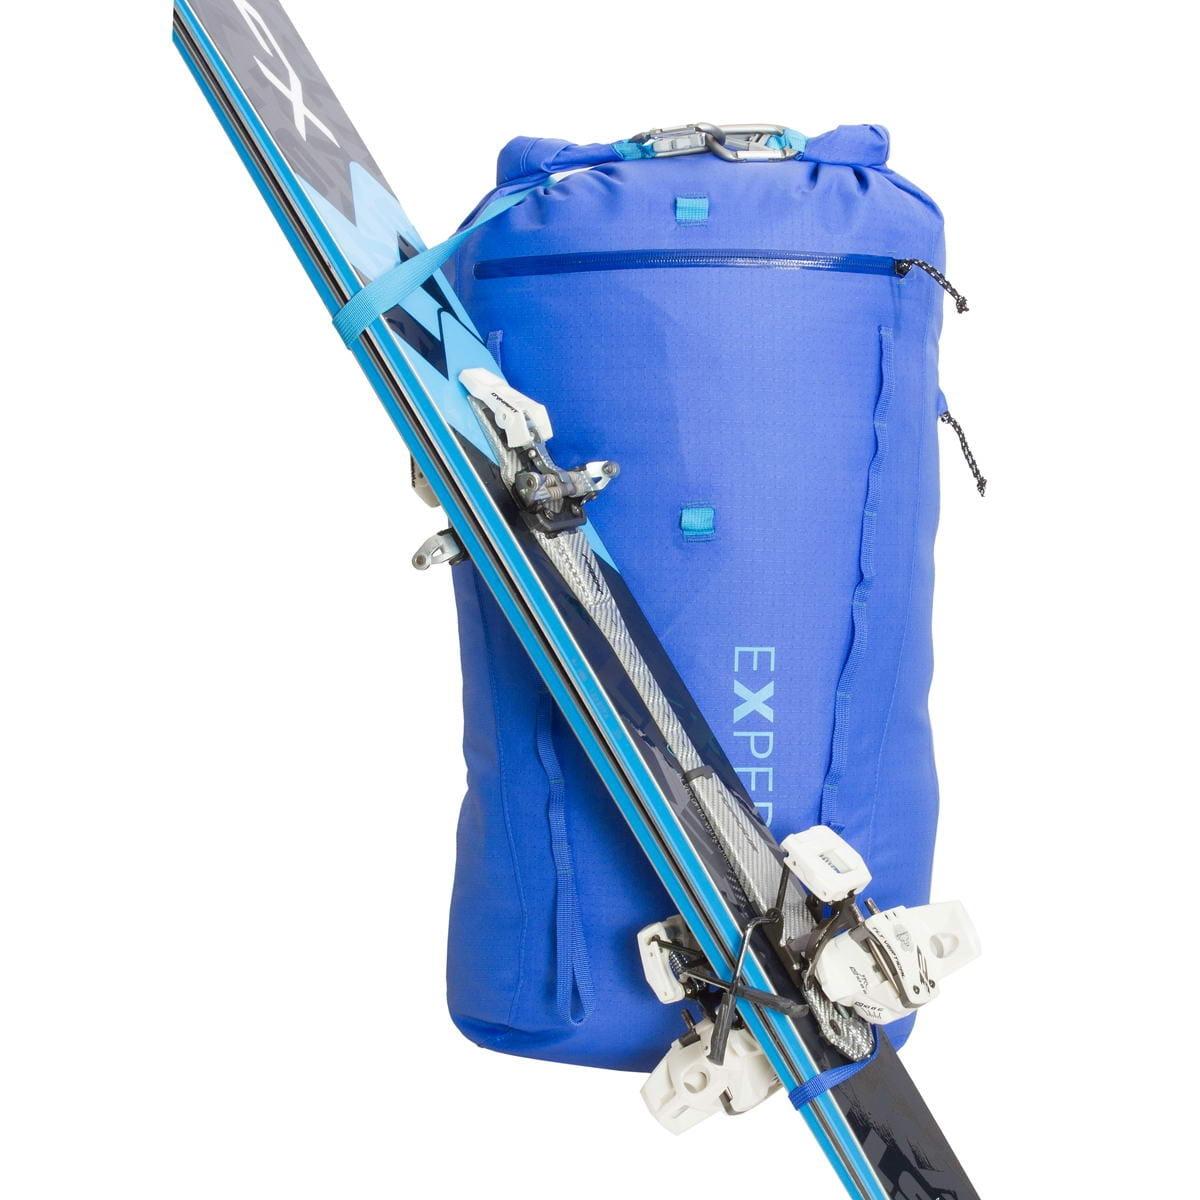 EXPED Serac 35 - Wasserdichter Rucksack - Bild 6